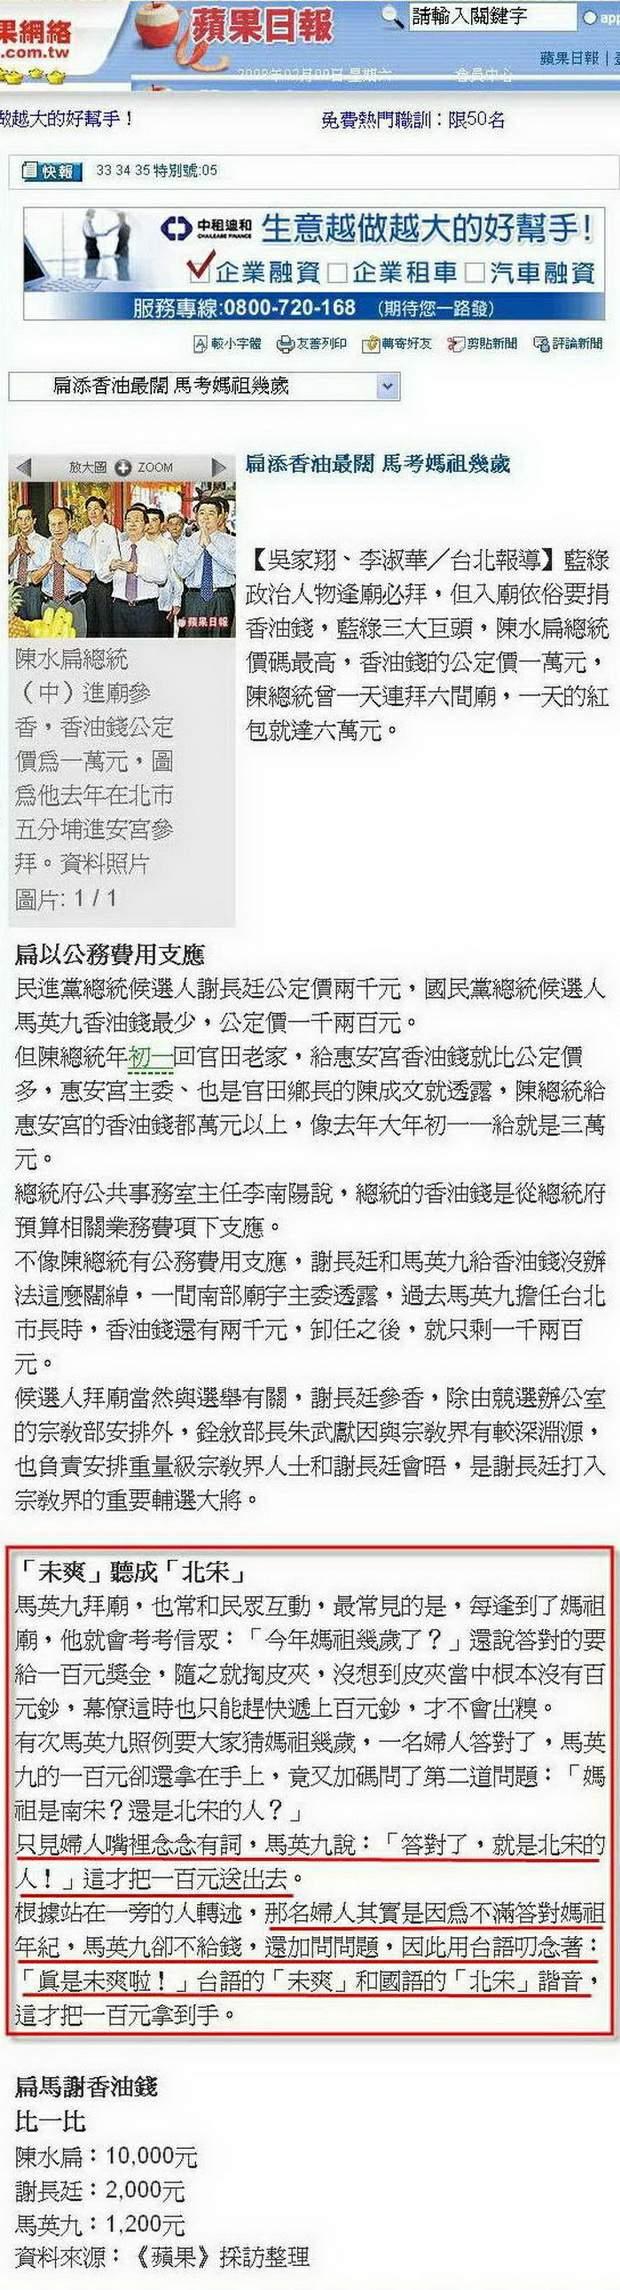 馬英九每到媽祖廟,必考信眾:「今年媽祖幾歲了?」 -2008.02.09-02.jpg